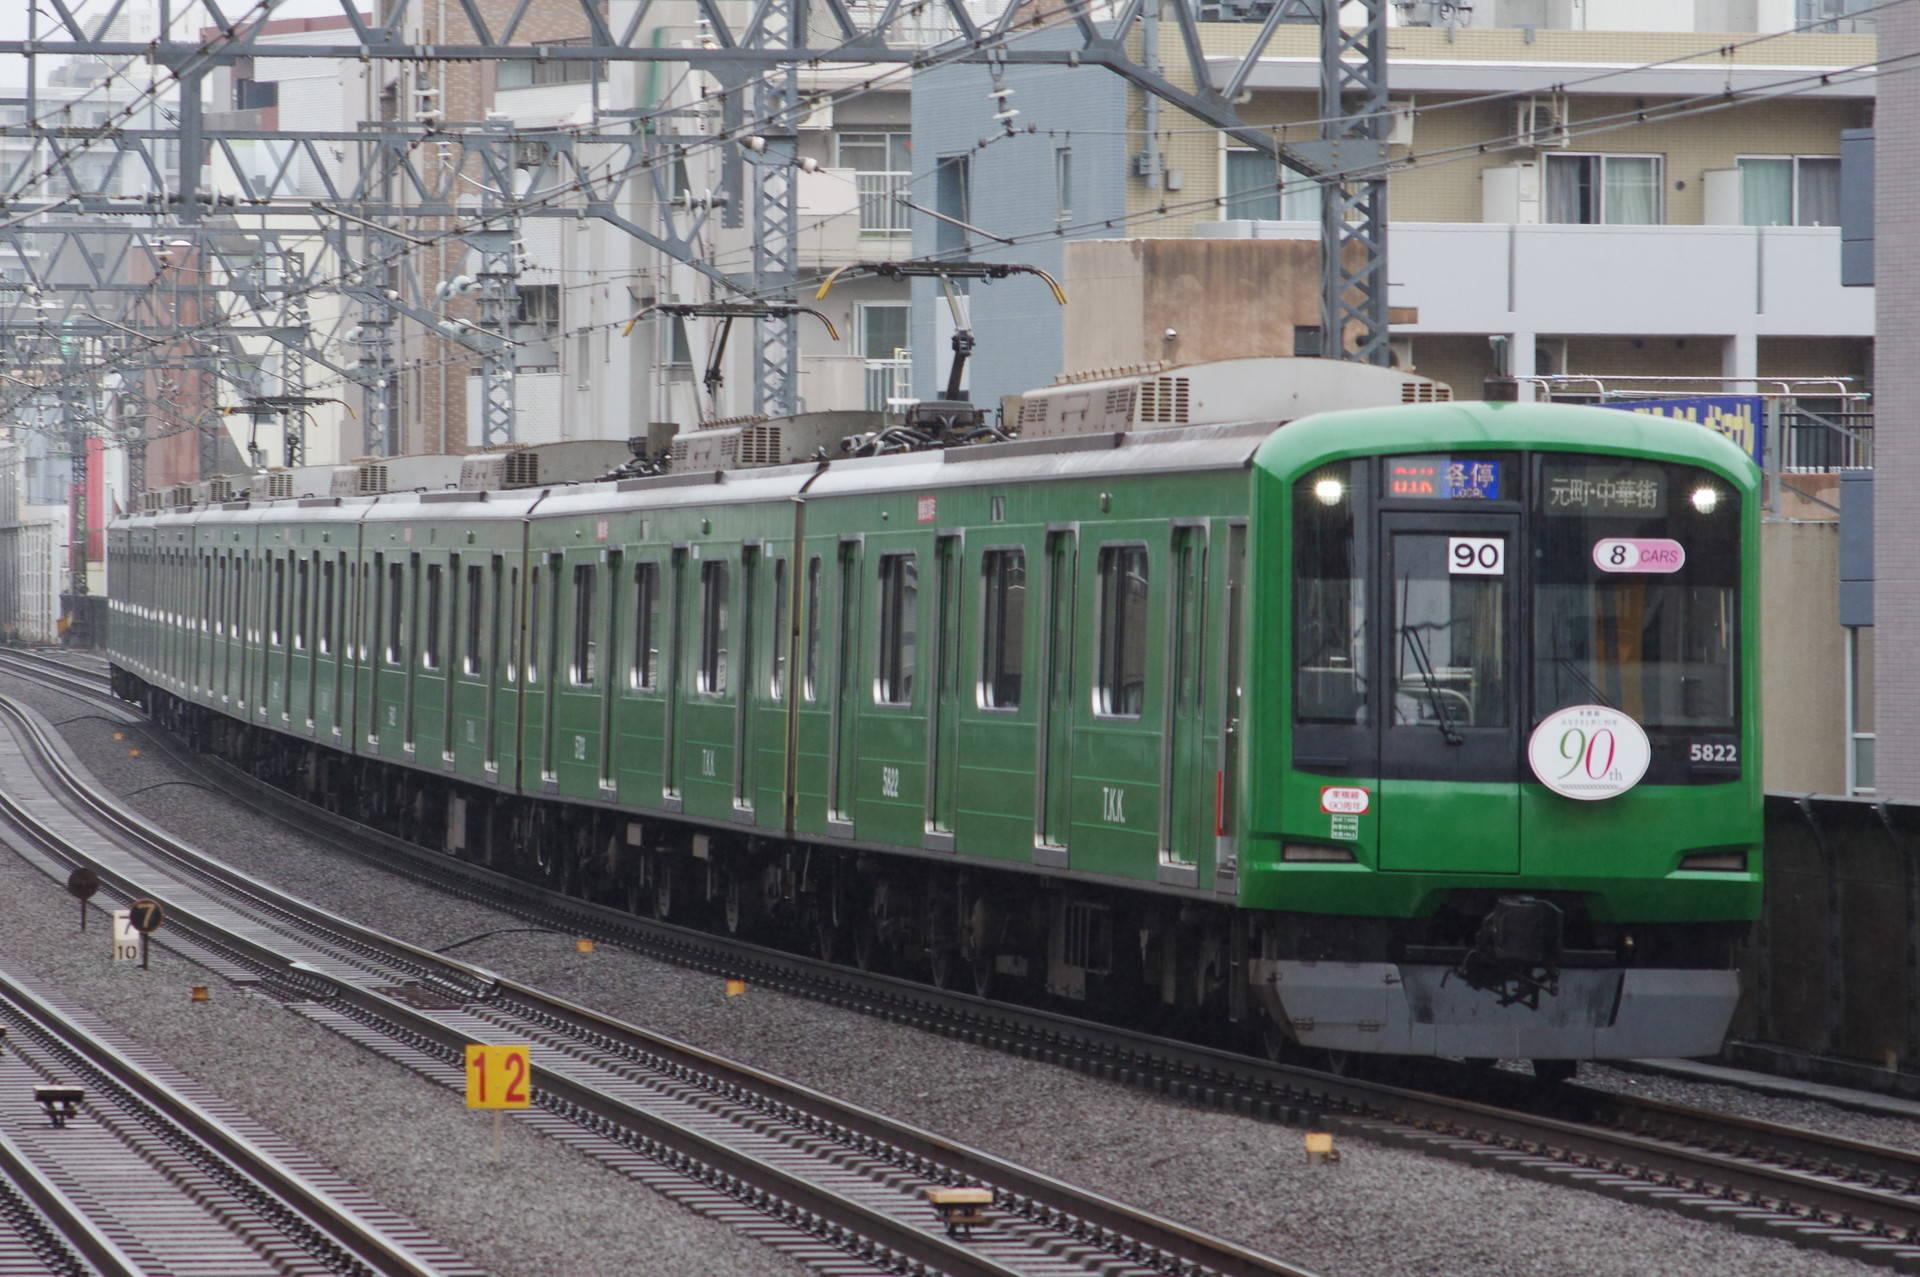 東急電鉄 5000系5122編成「東横線90周年記念ラッピング電車(青ガエル)」